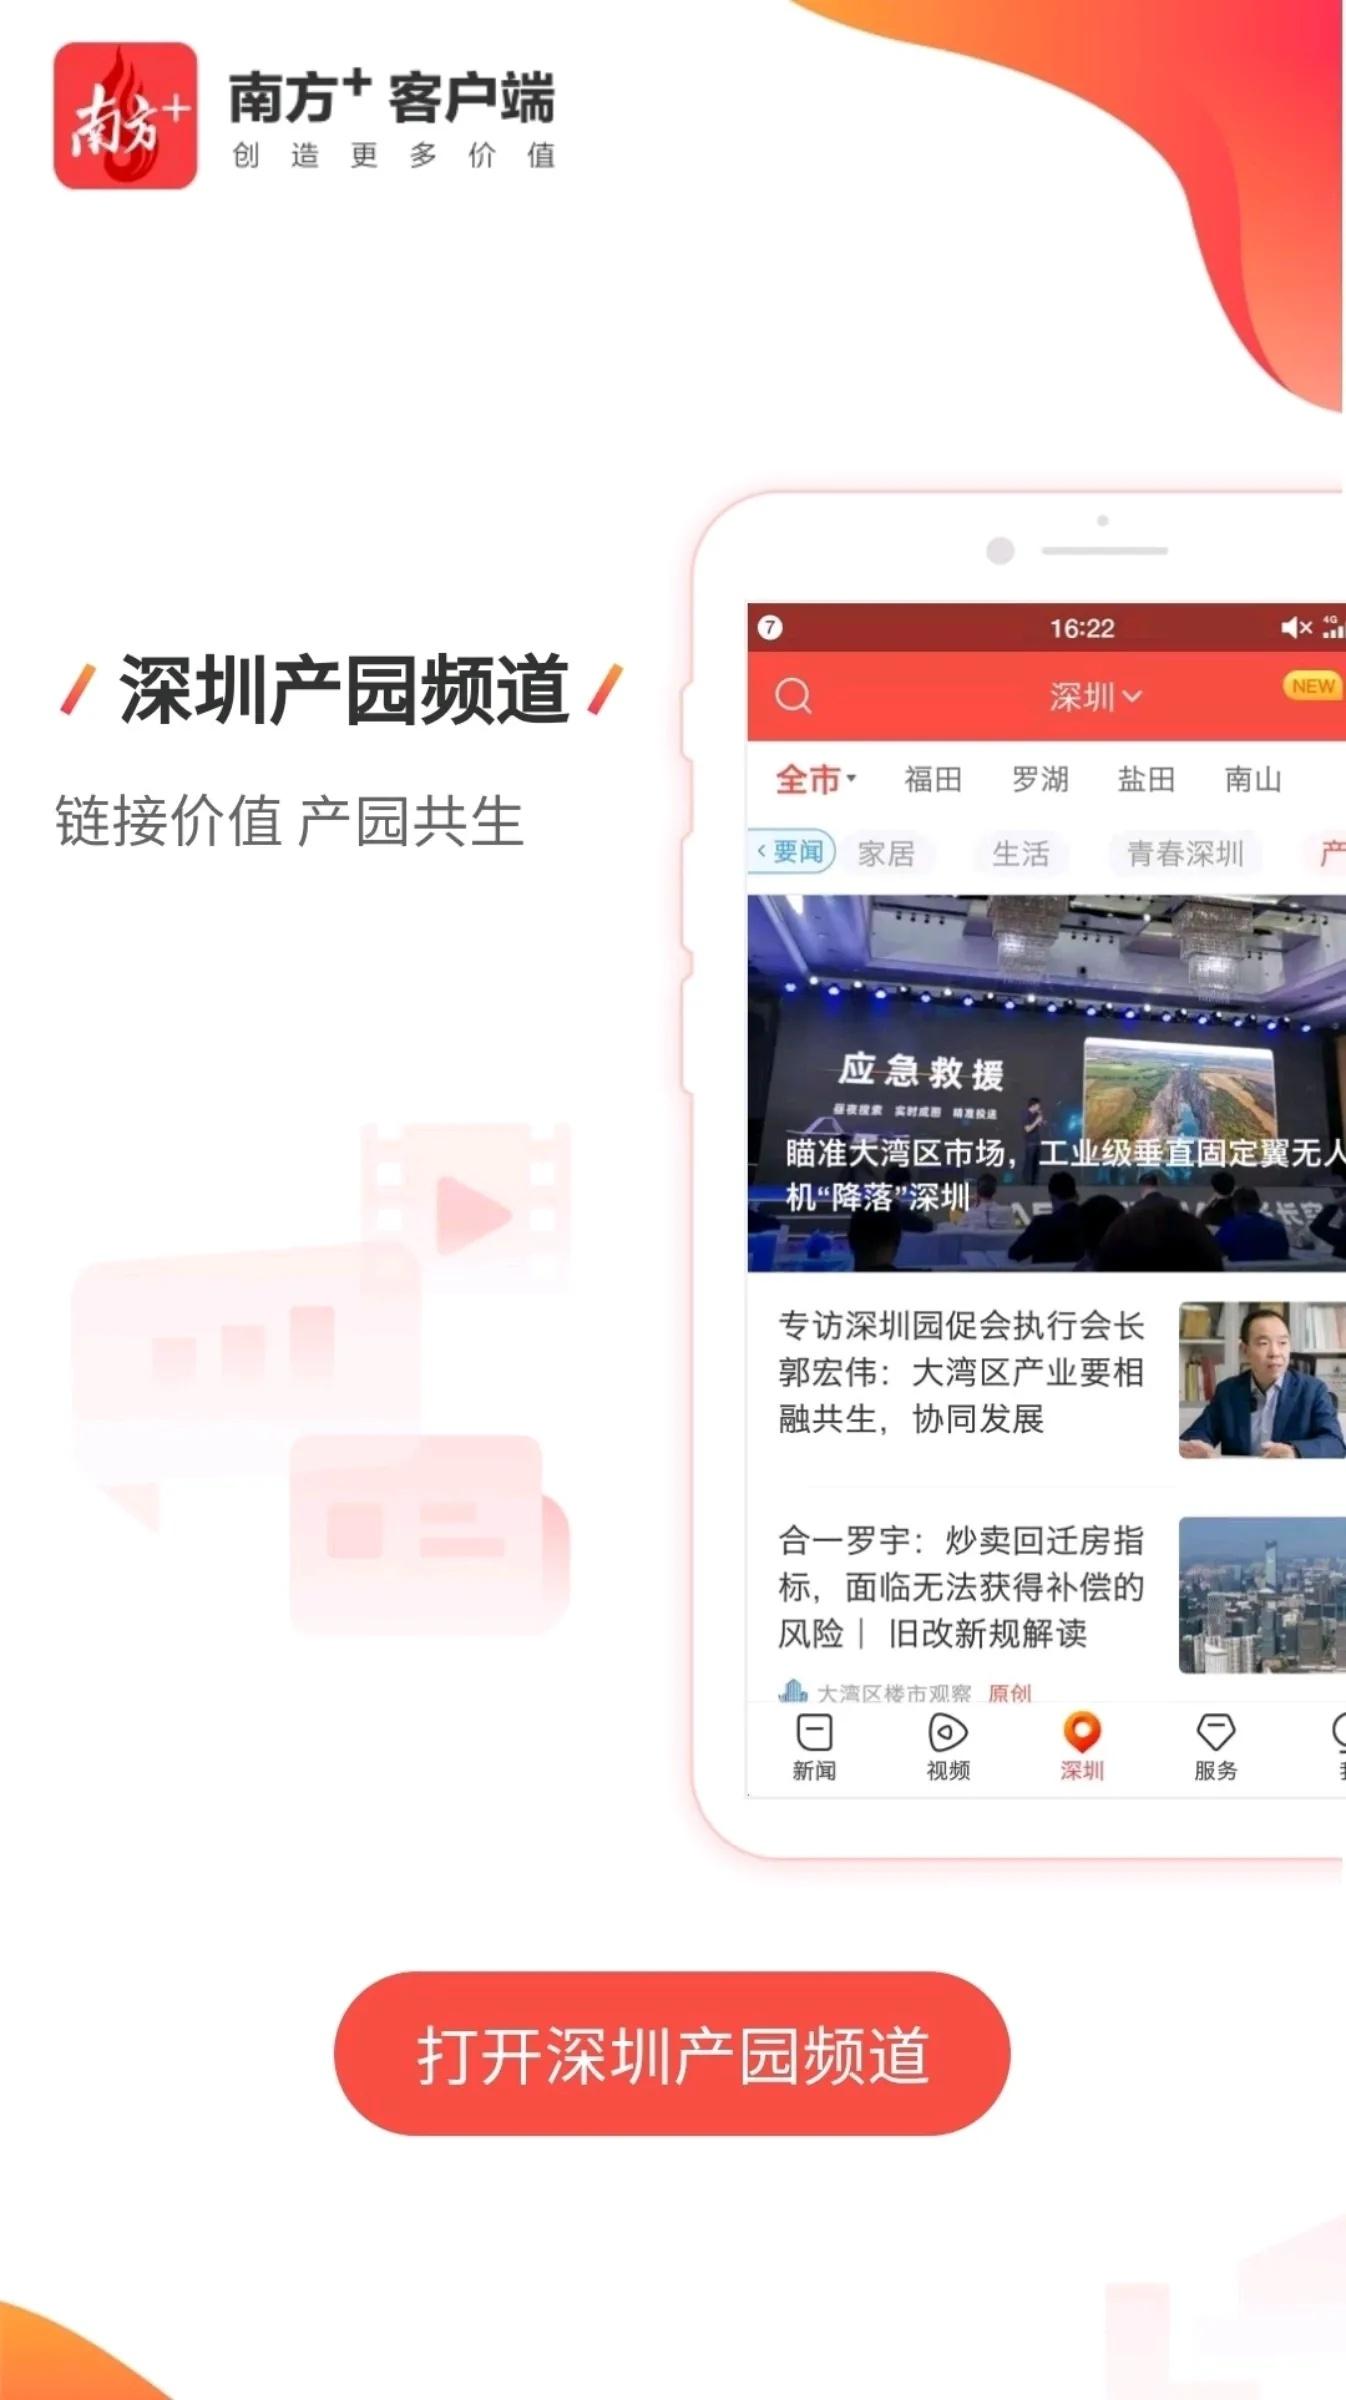 产园大舞台,你我共精彩!南方+深圳产园频道6月6日上线